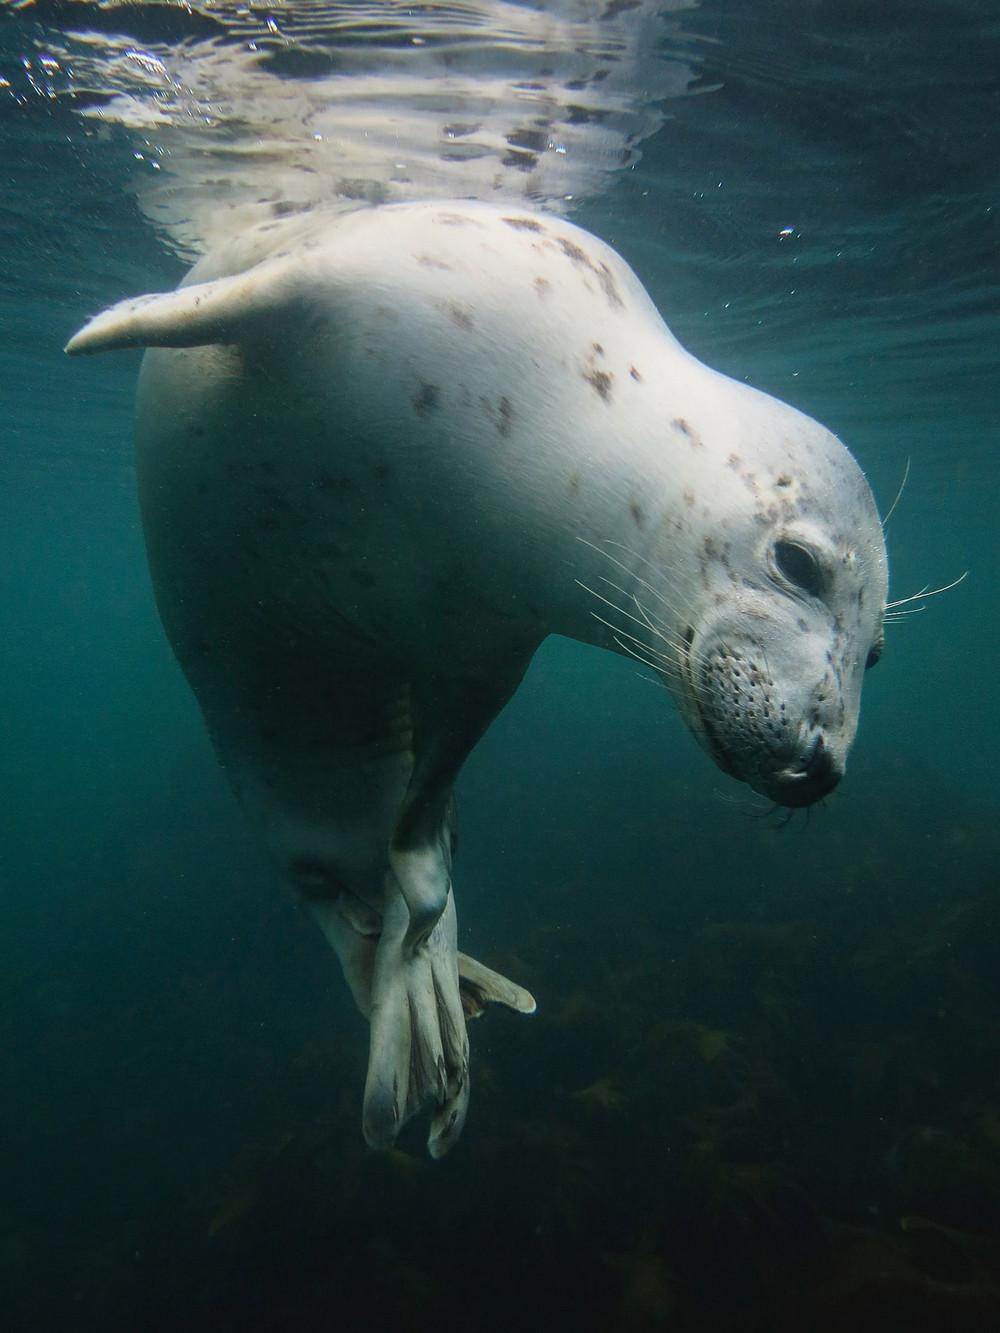 Победители конкурса подводной фотографии в 2018 году  11